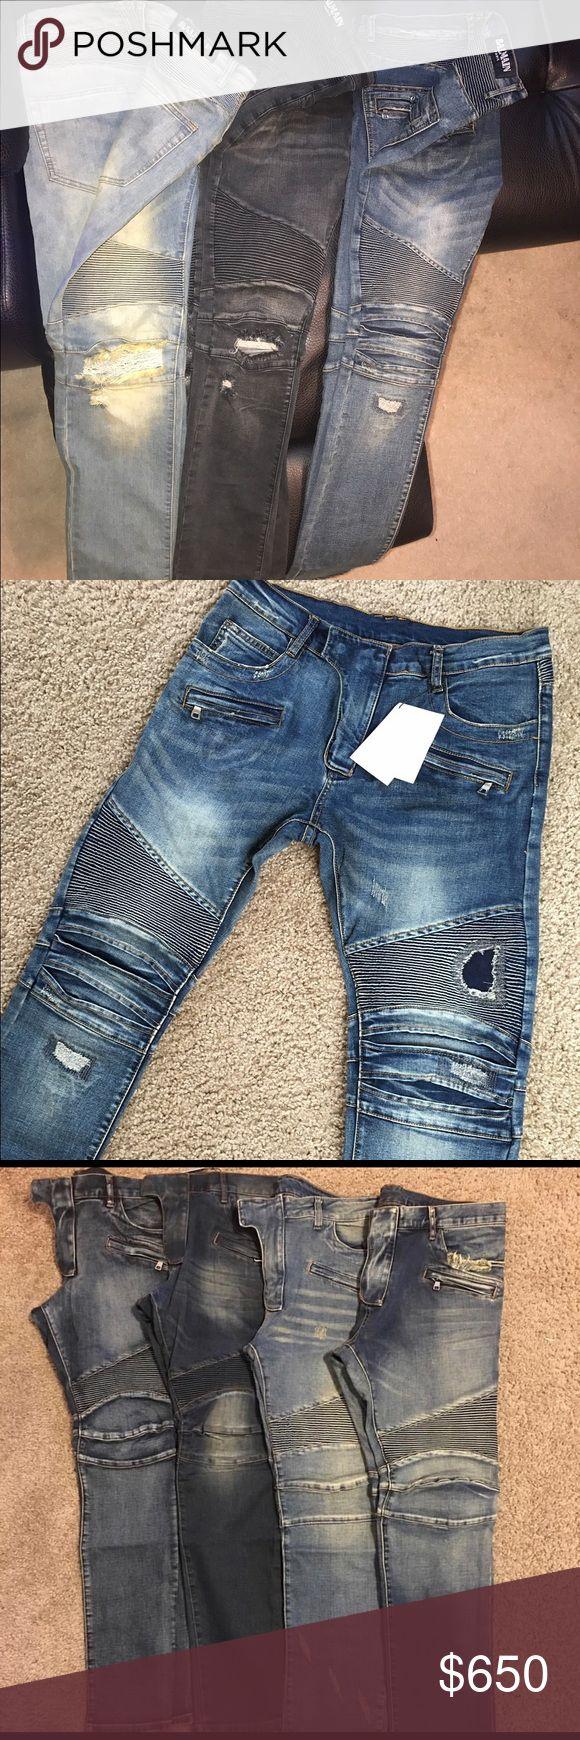 Balmain jeans Men Balmain jeans Balmain Jeans Slim Straight